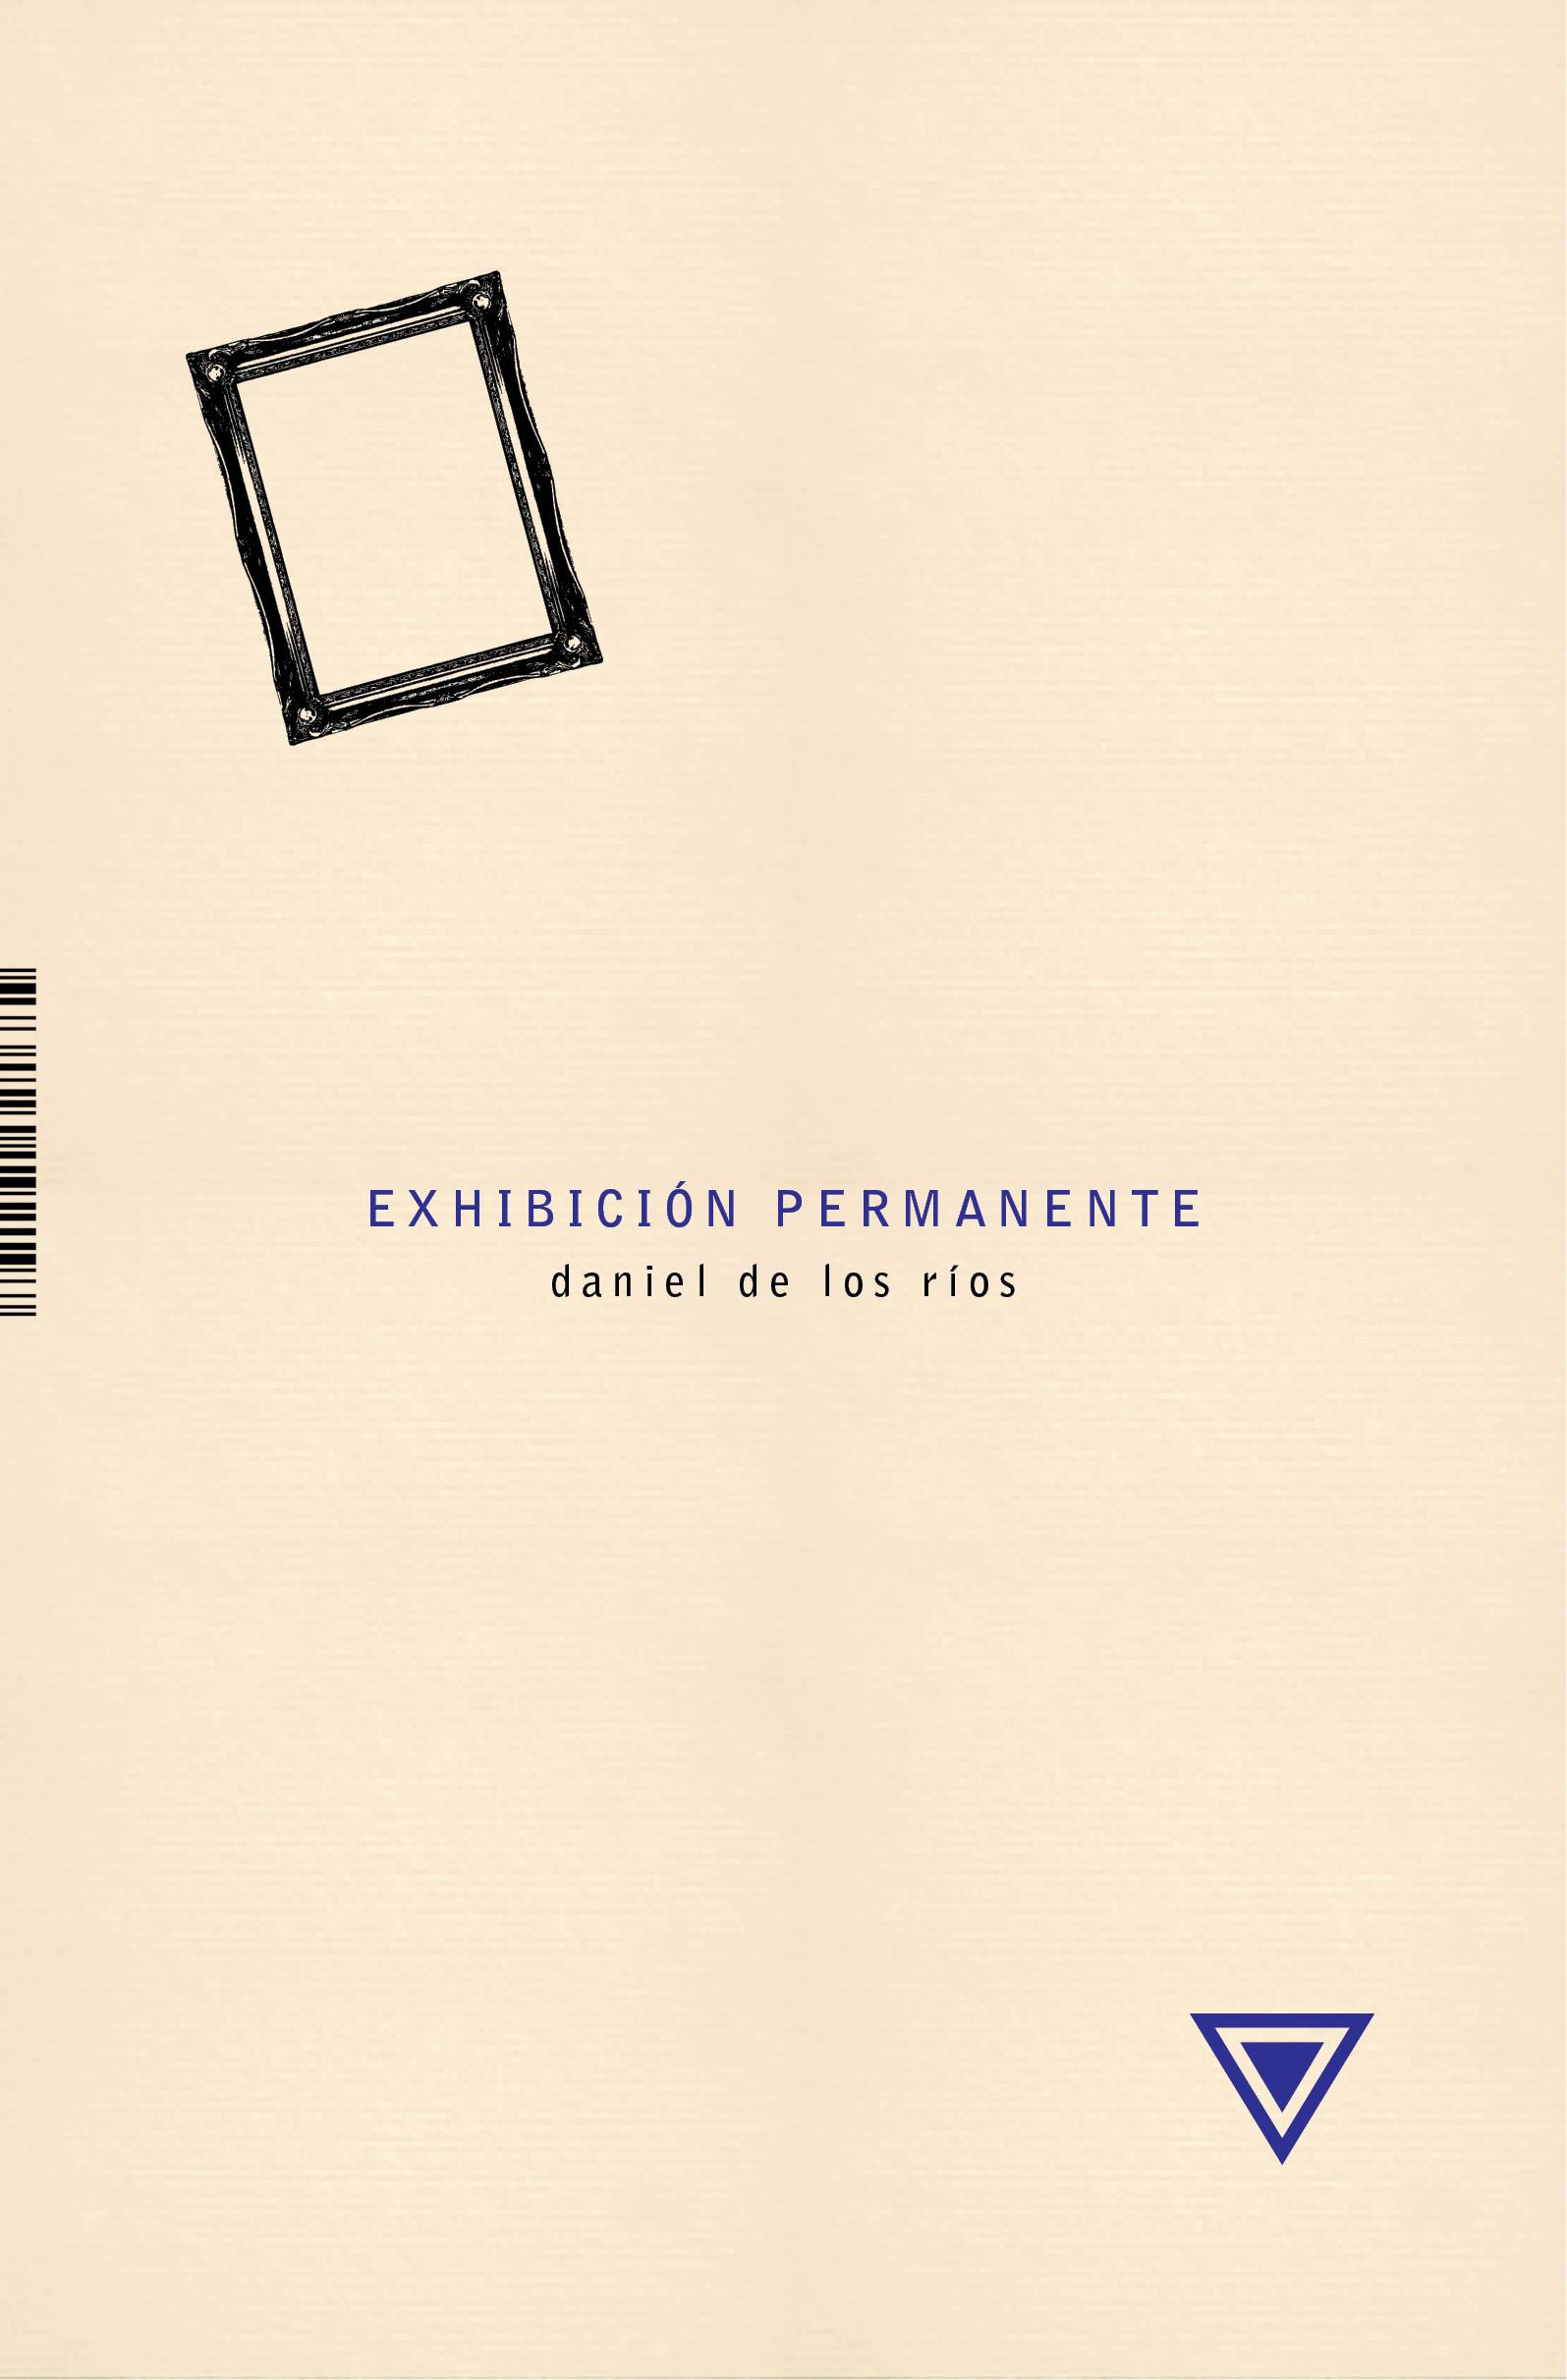 Exhibición permanente